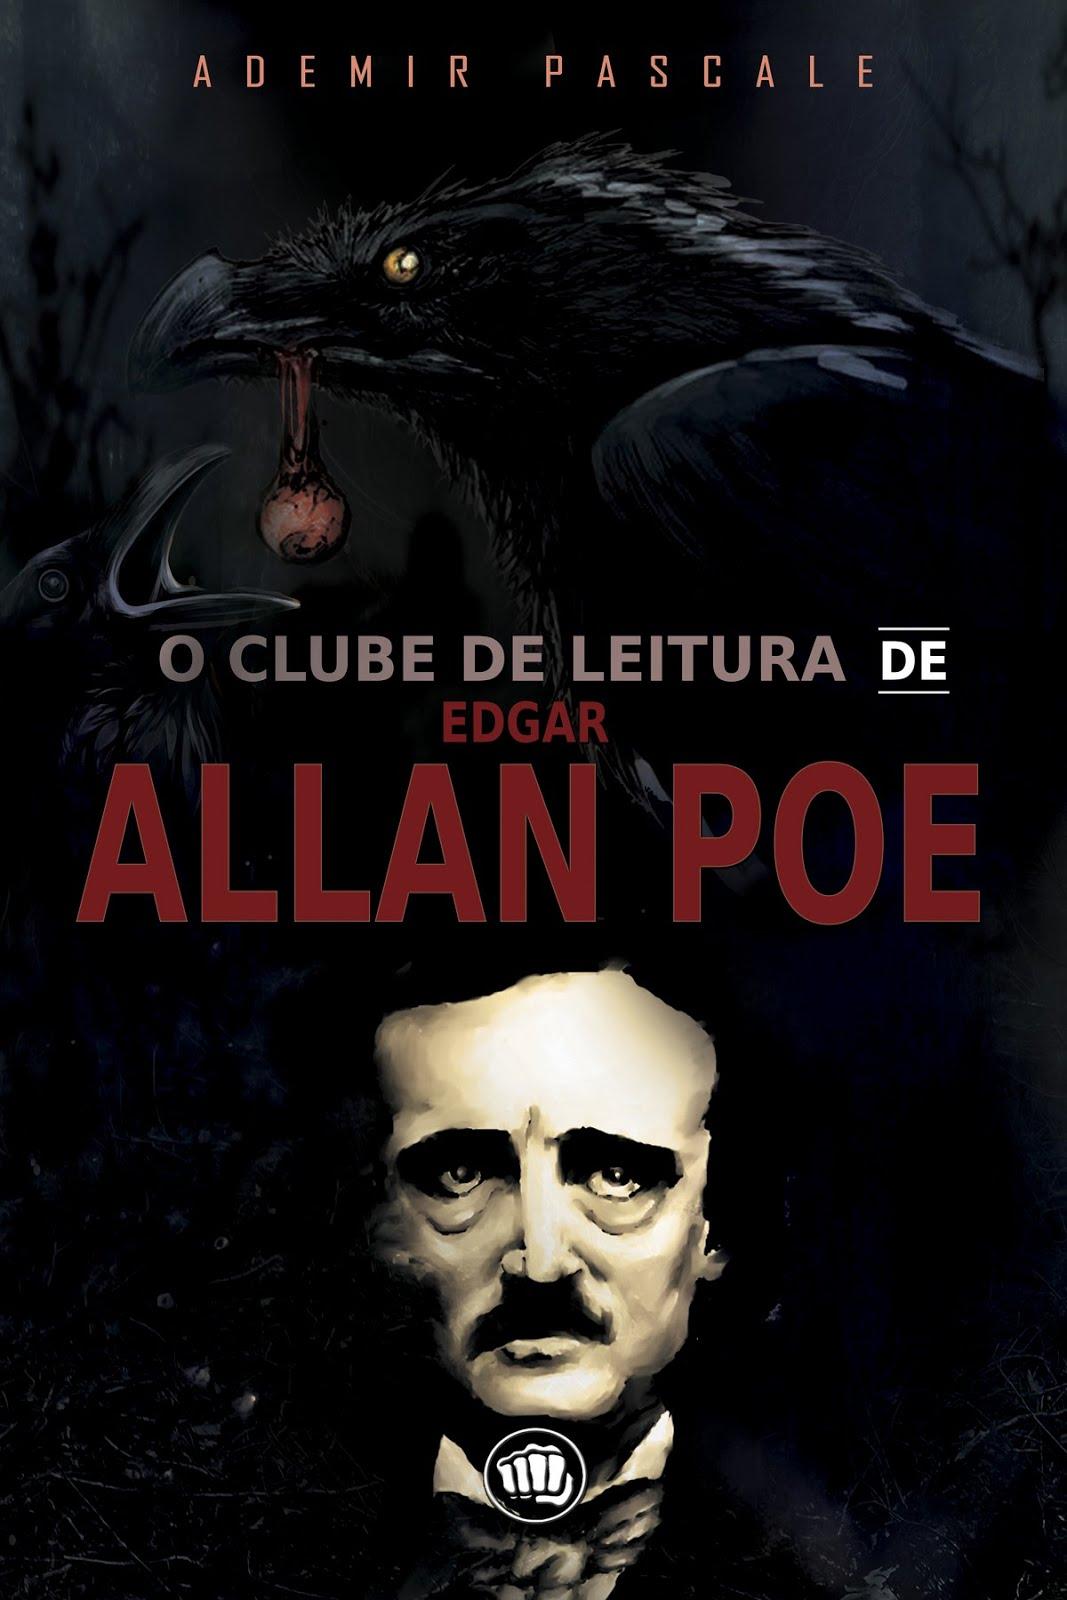 O CLUBE DE LEITURA DE EDGAR ALLAN POE